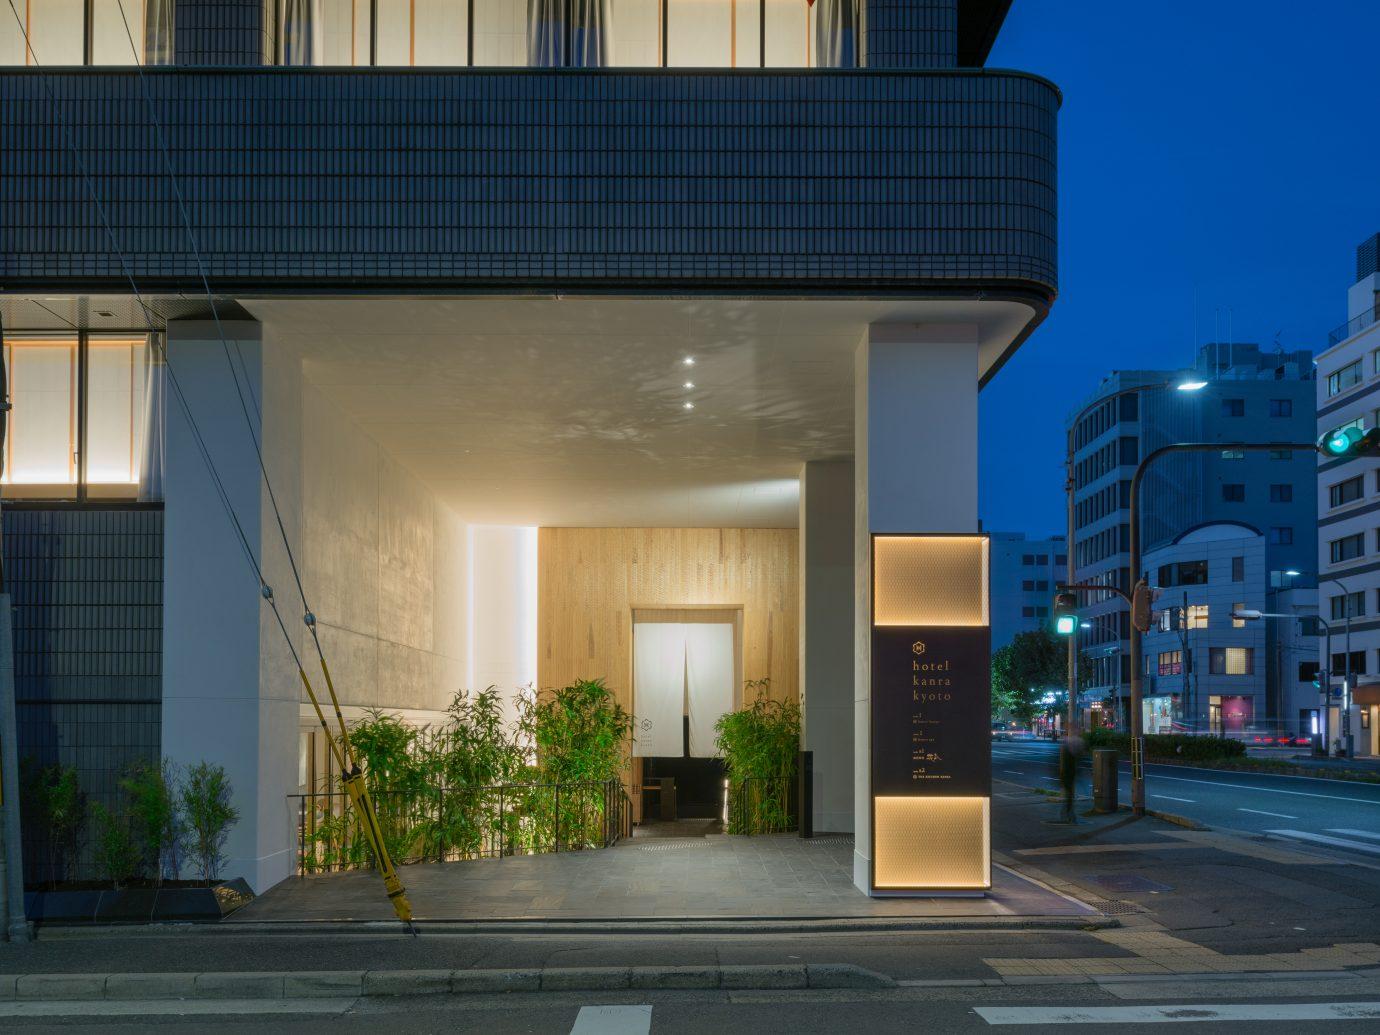 exterior of Hotel Kanra Kyoto at night